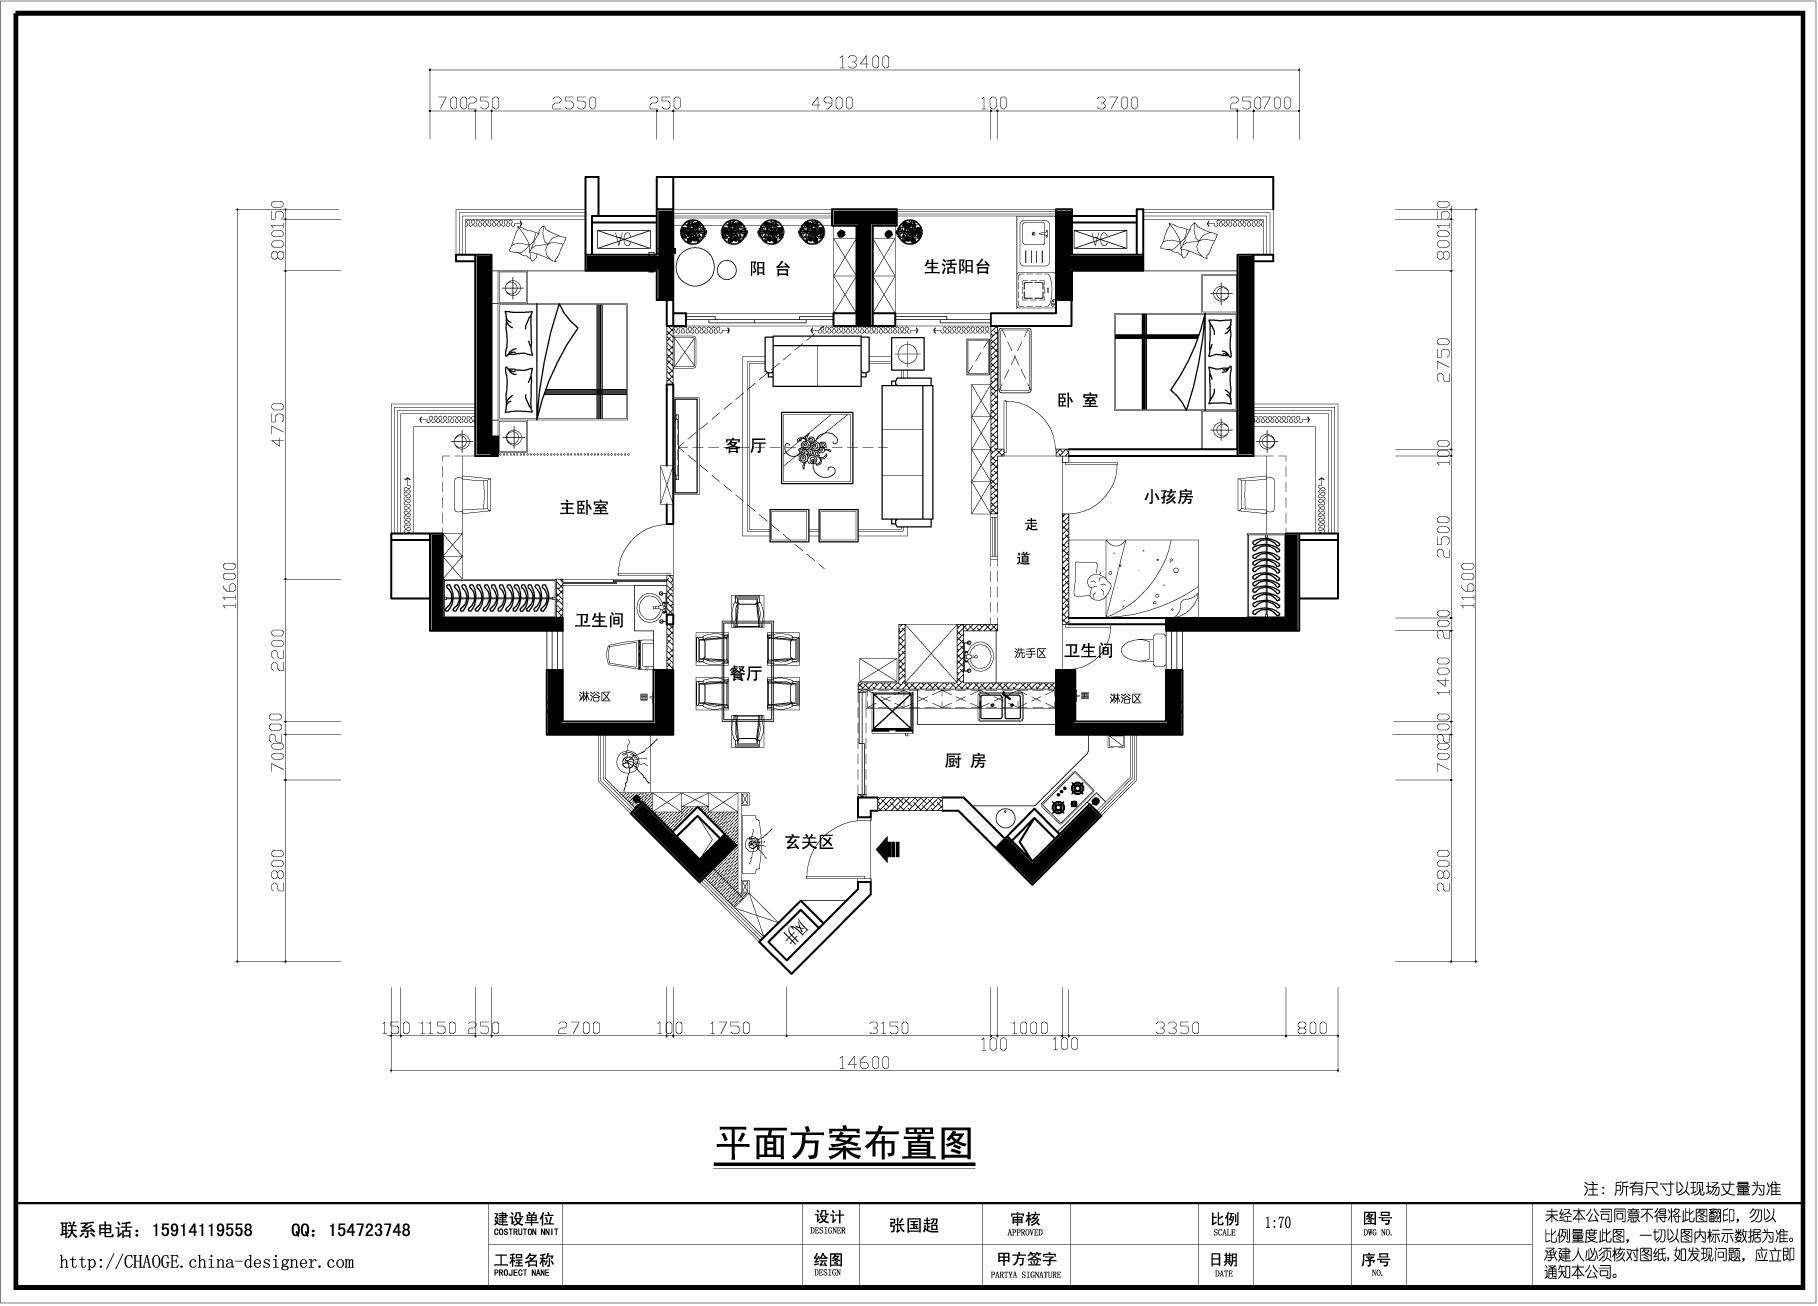 2010年 120平的混搭空间 深圳房地产信息网论坛 高清图片